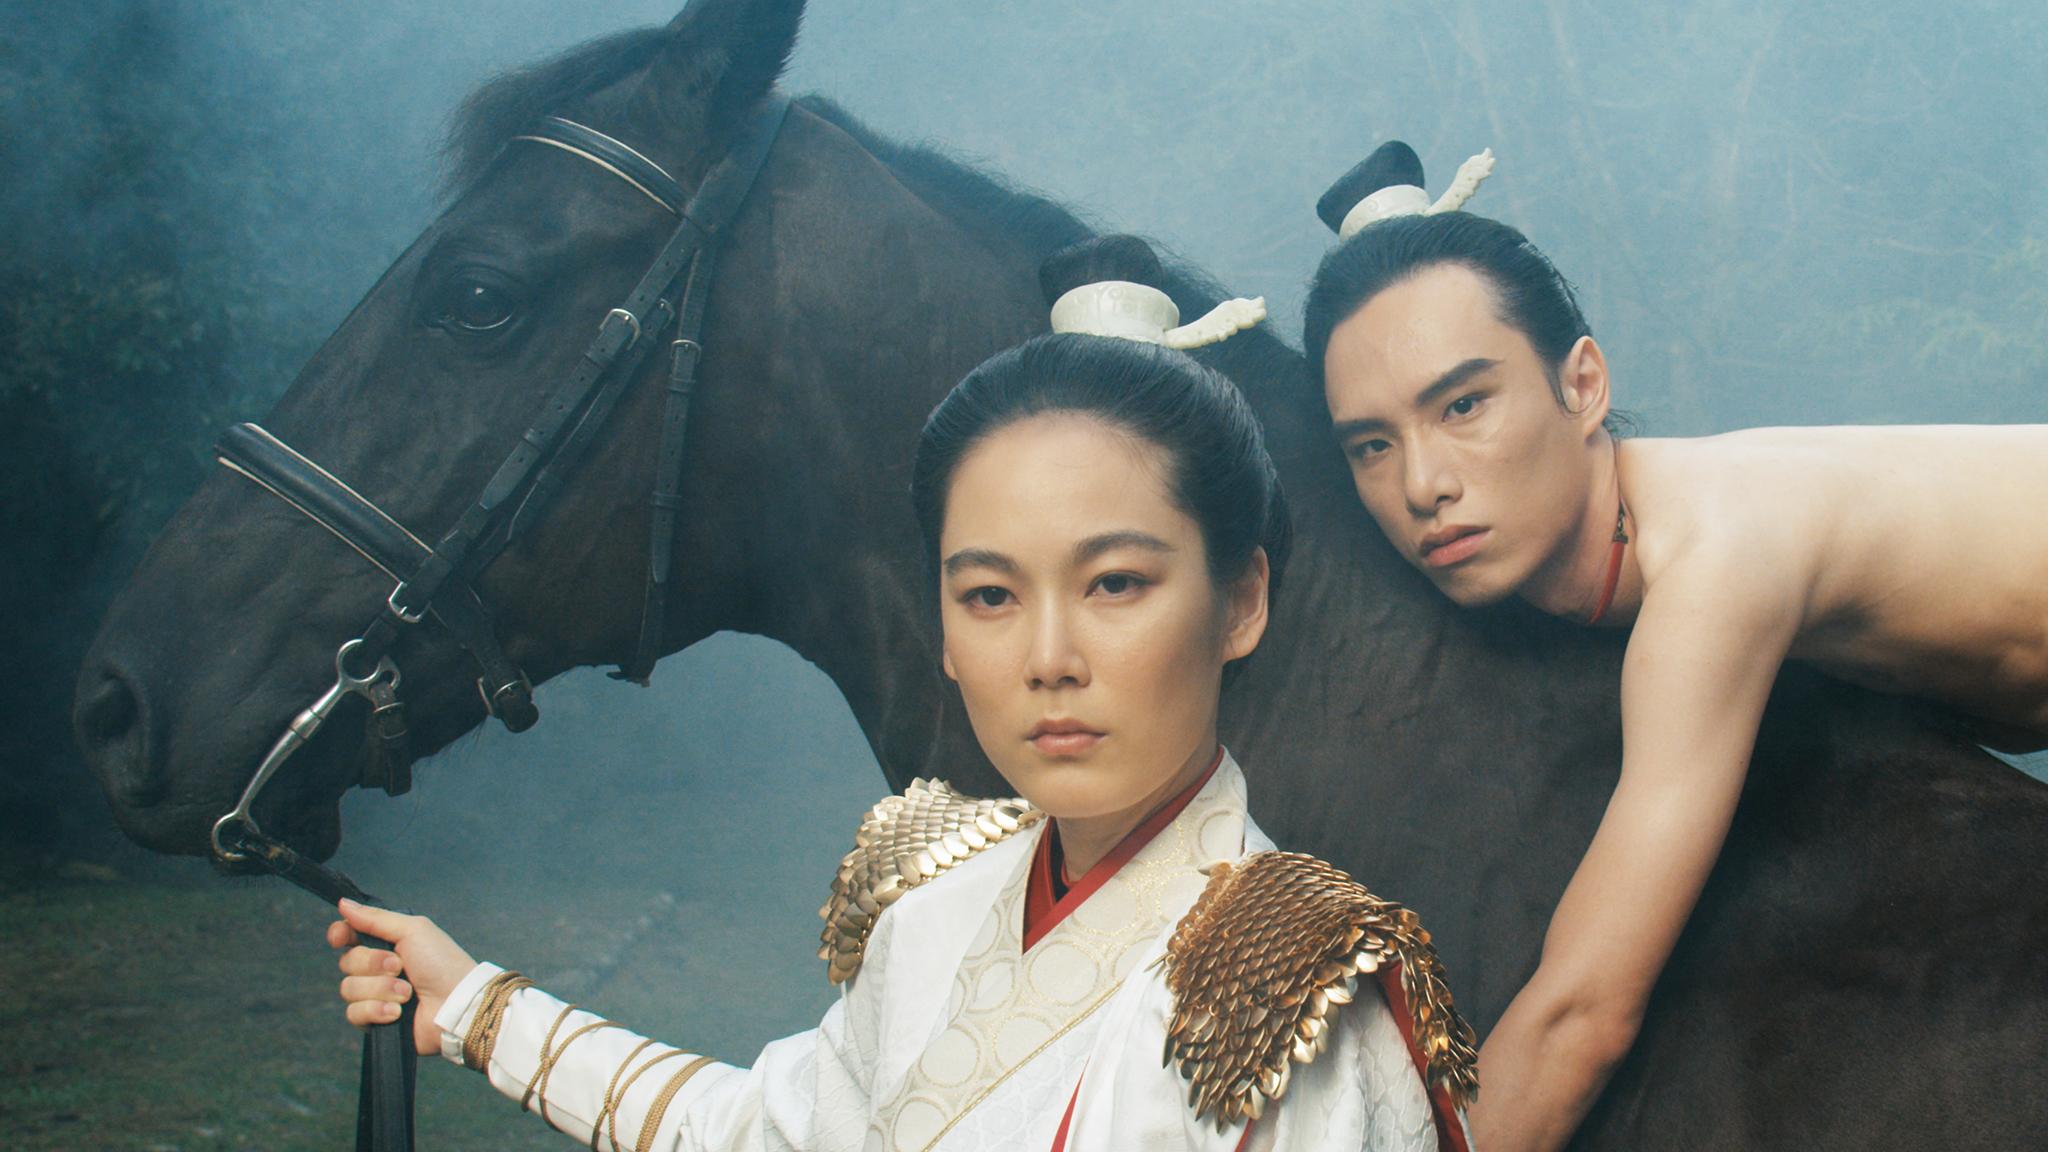 The Glamorous Boys of Tang